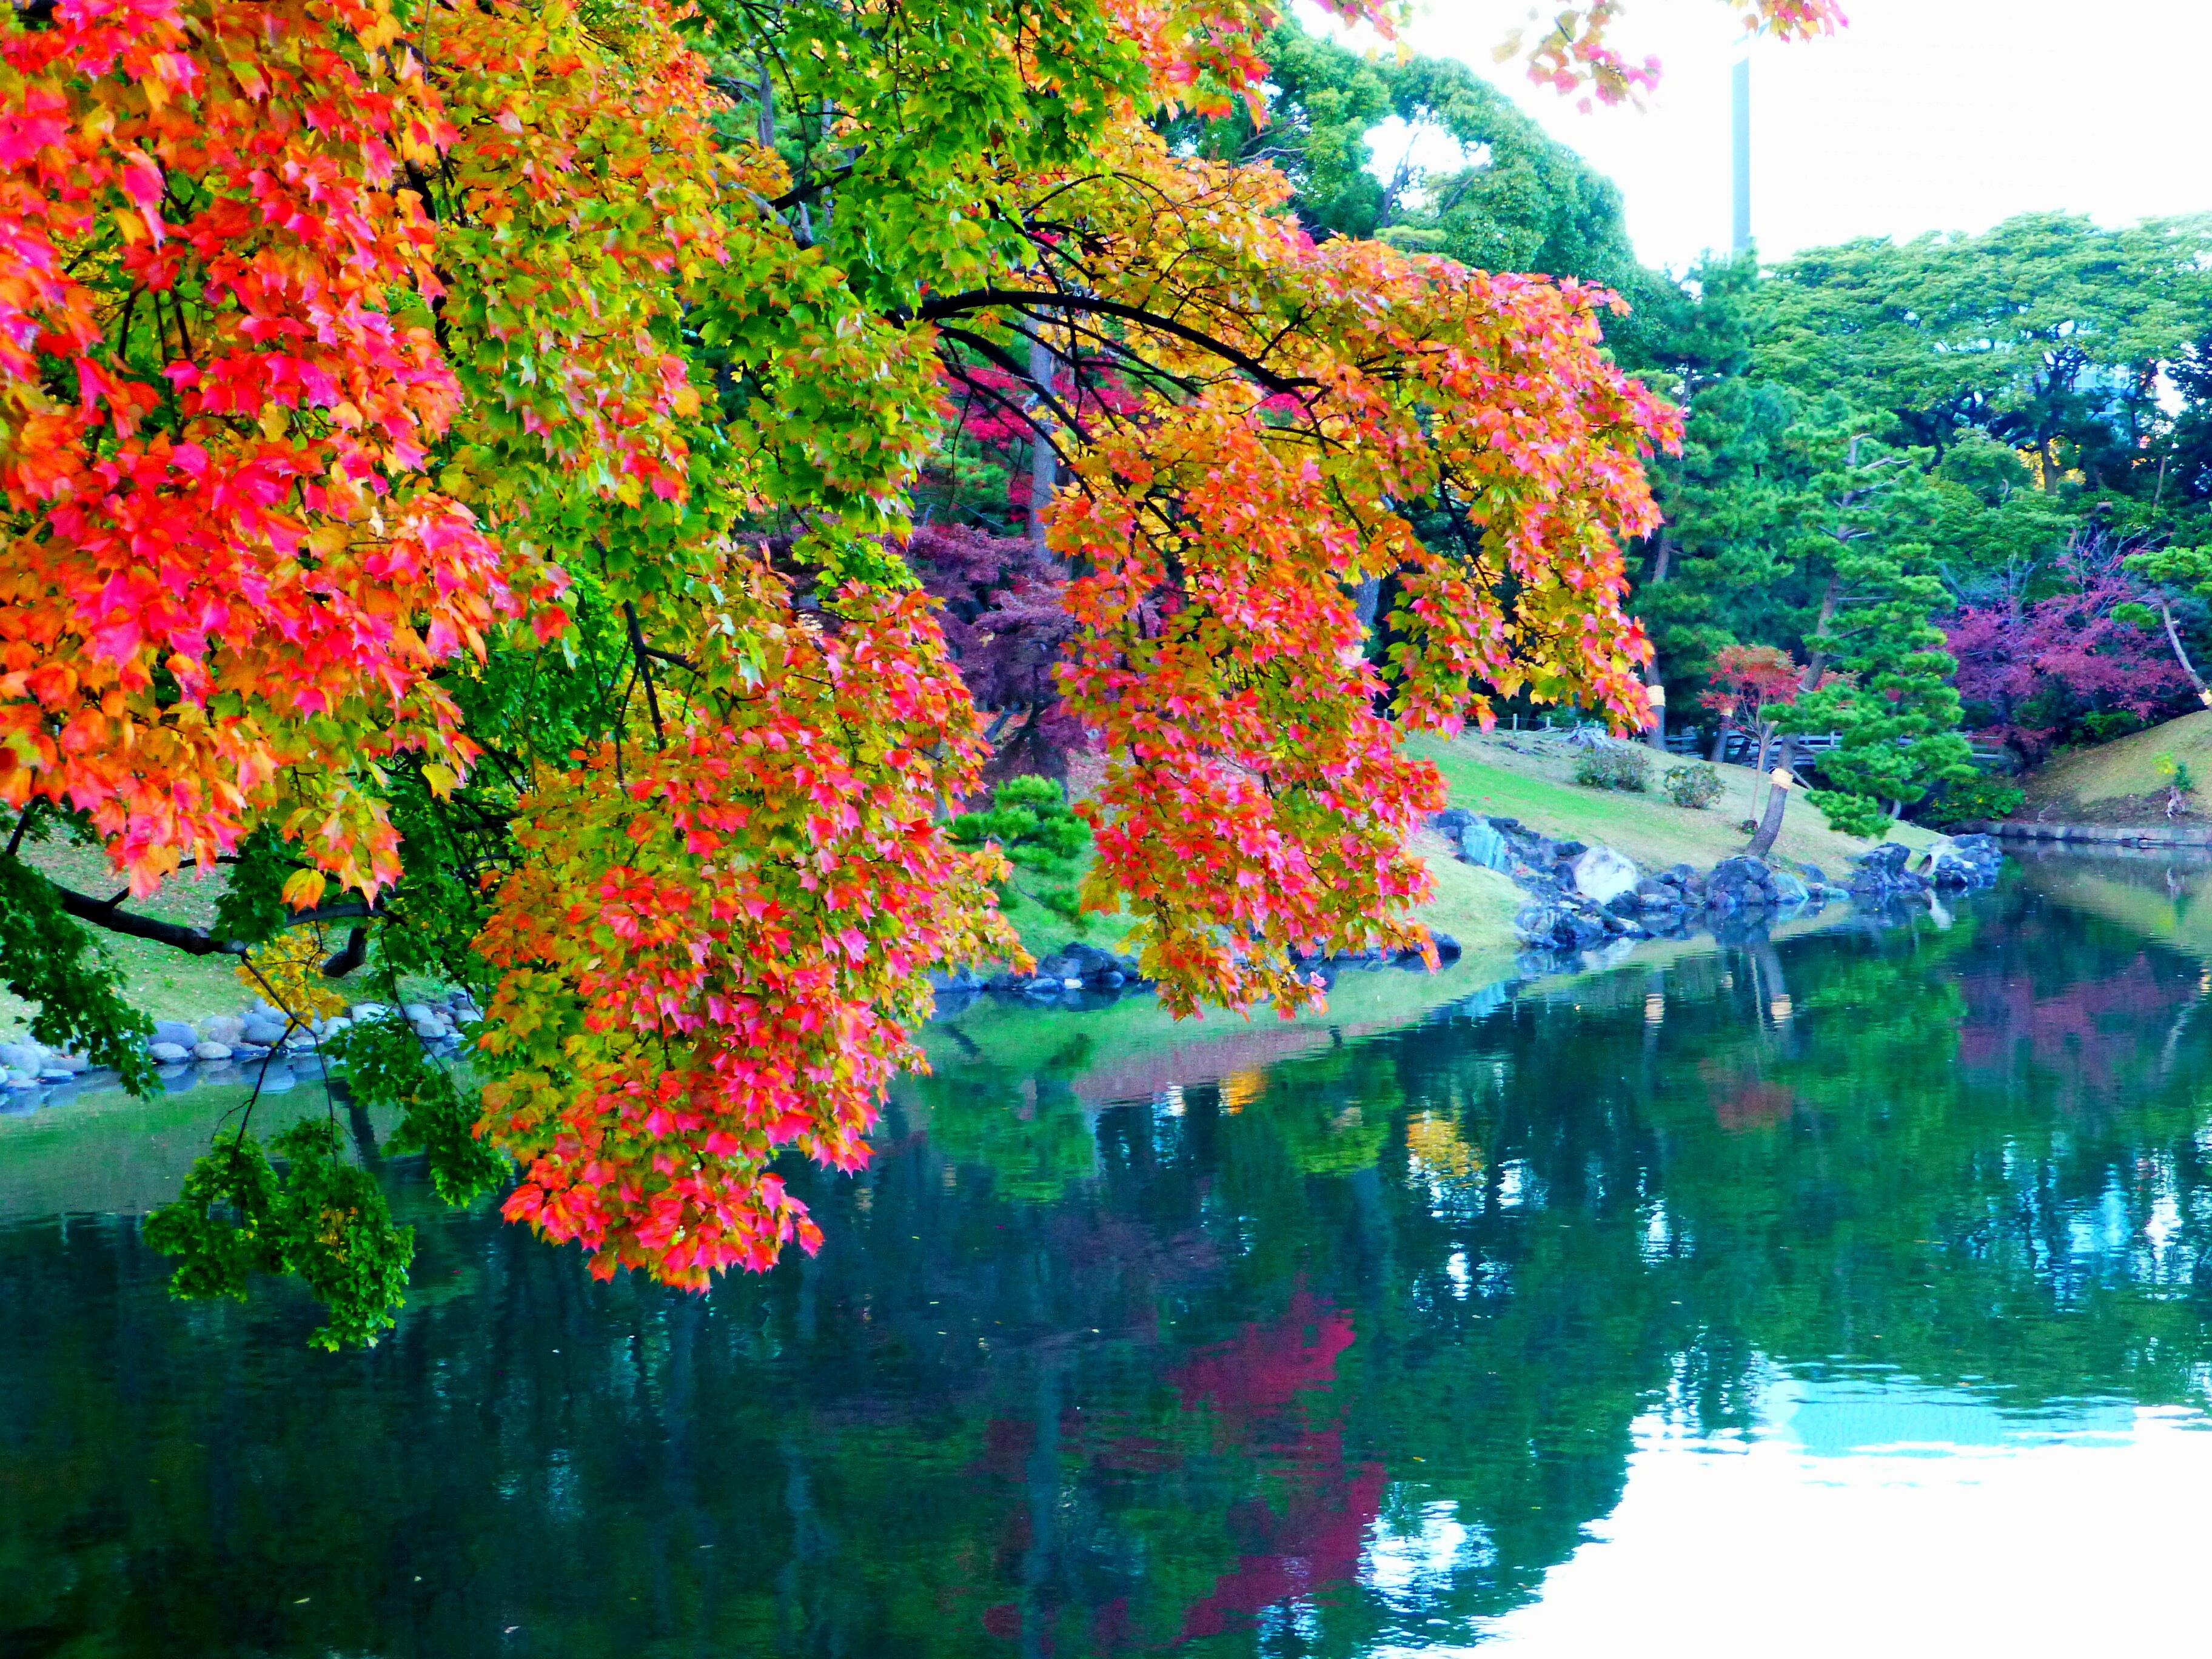 紅葉の浜離宮恩賜庭園